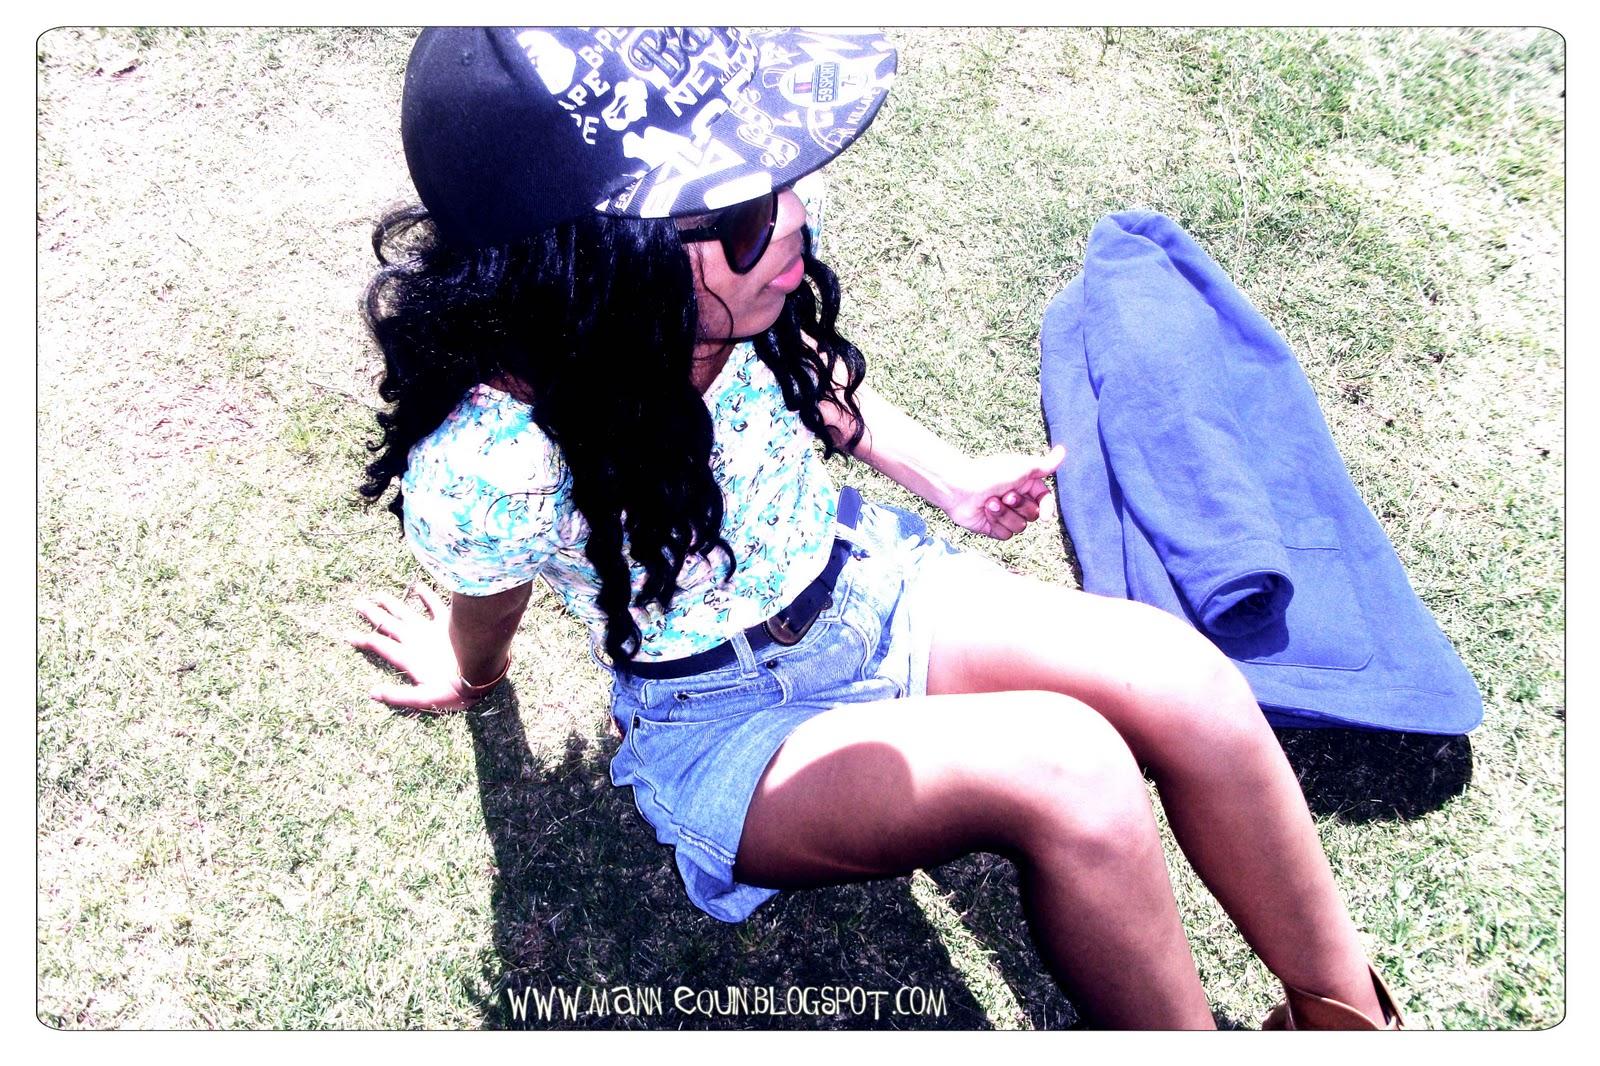 http://3.bp.blogspot.com/-gN8goAnNm5s/TwJVCfjcgxI/AAAAAAAACwg/LQvkqdhJocw/s1600/pe67.jpg